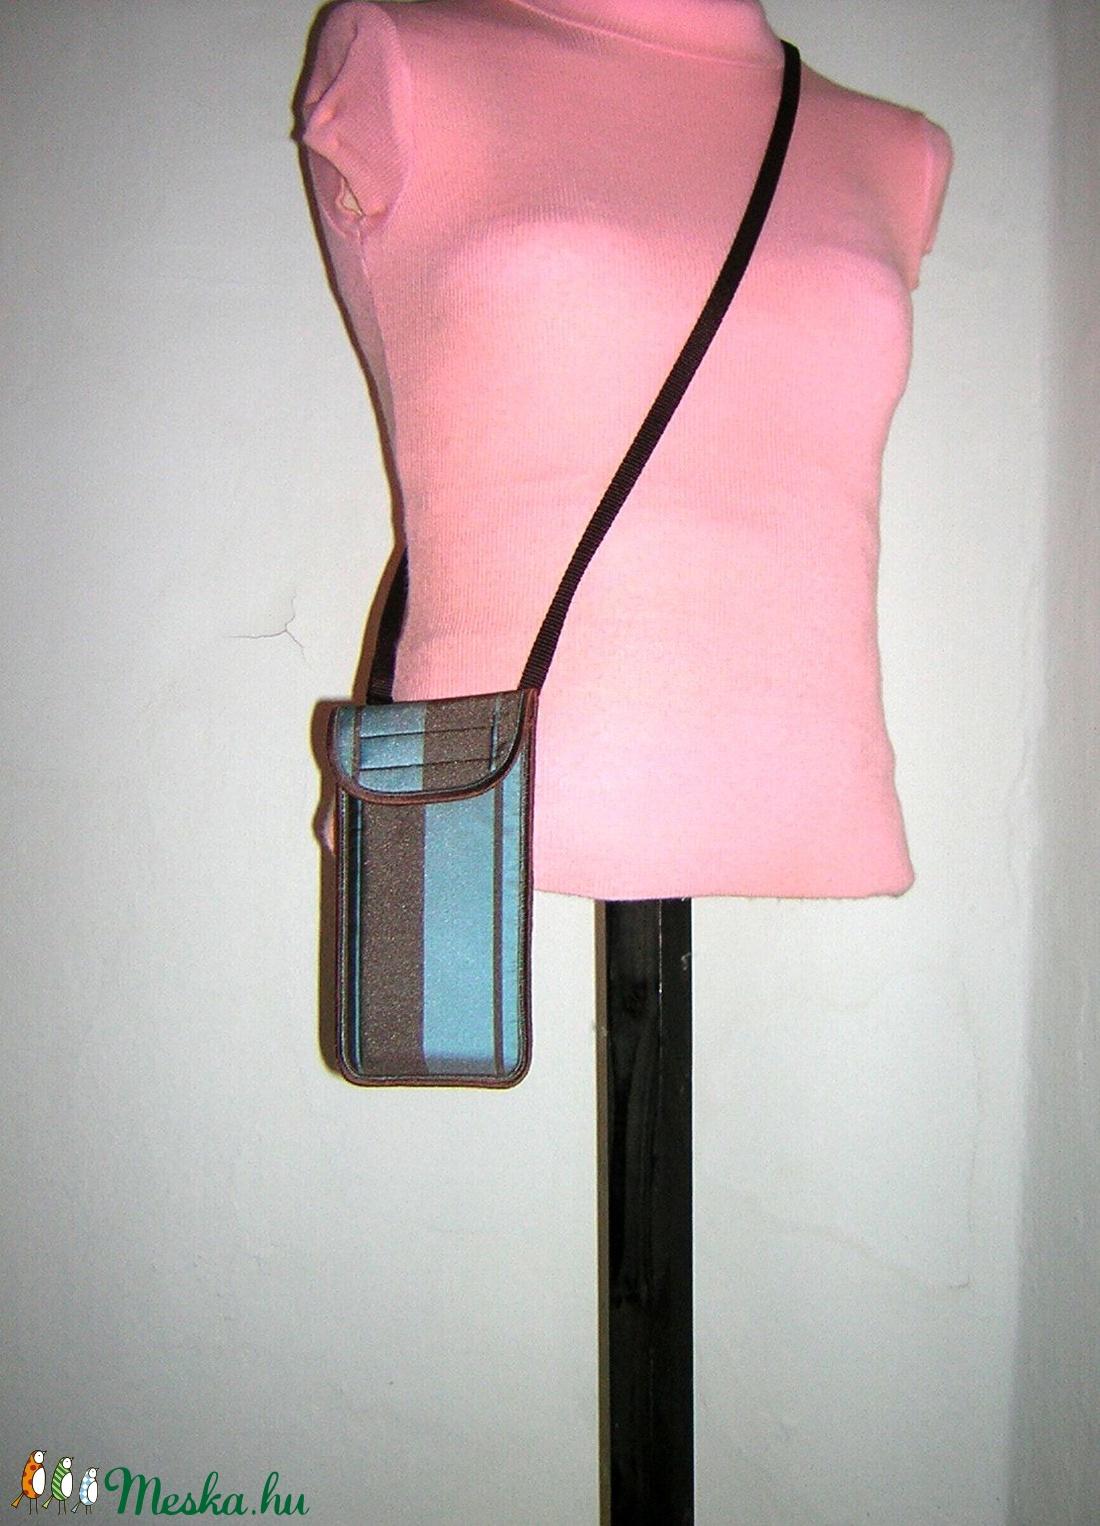 Állítható pántos mobiltok  Plus-os méretű telefonokhoz  türkiz  barna - táska & tok - pénztárca & más tok - telefontok - Meska.hu